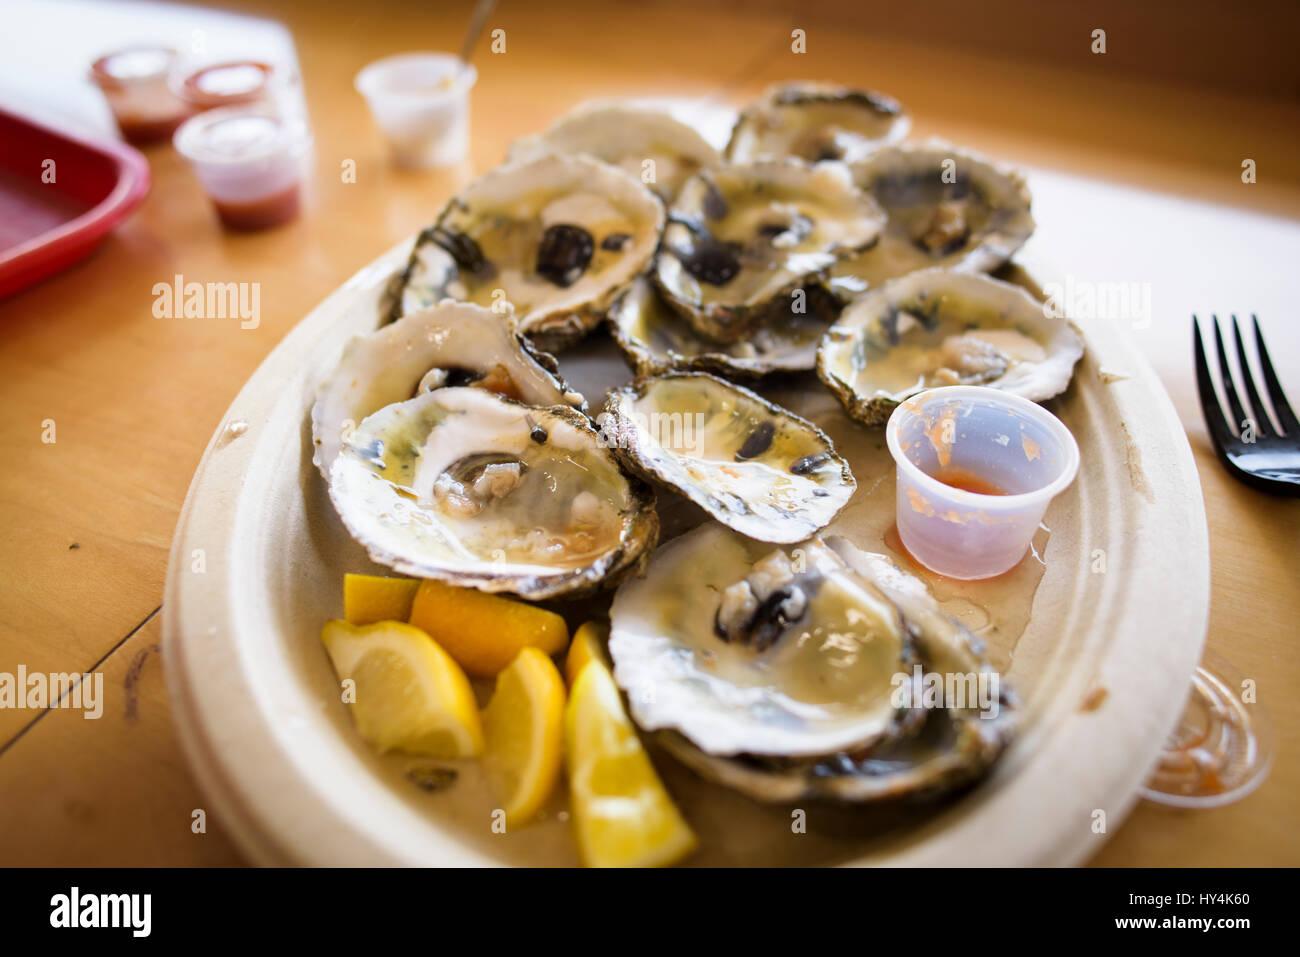 Une assiette d'Huîtres sur écailles. Banque D'Images